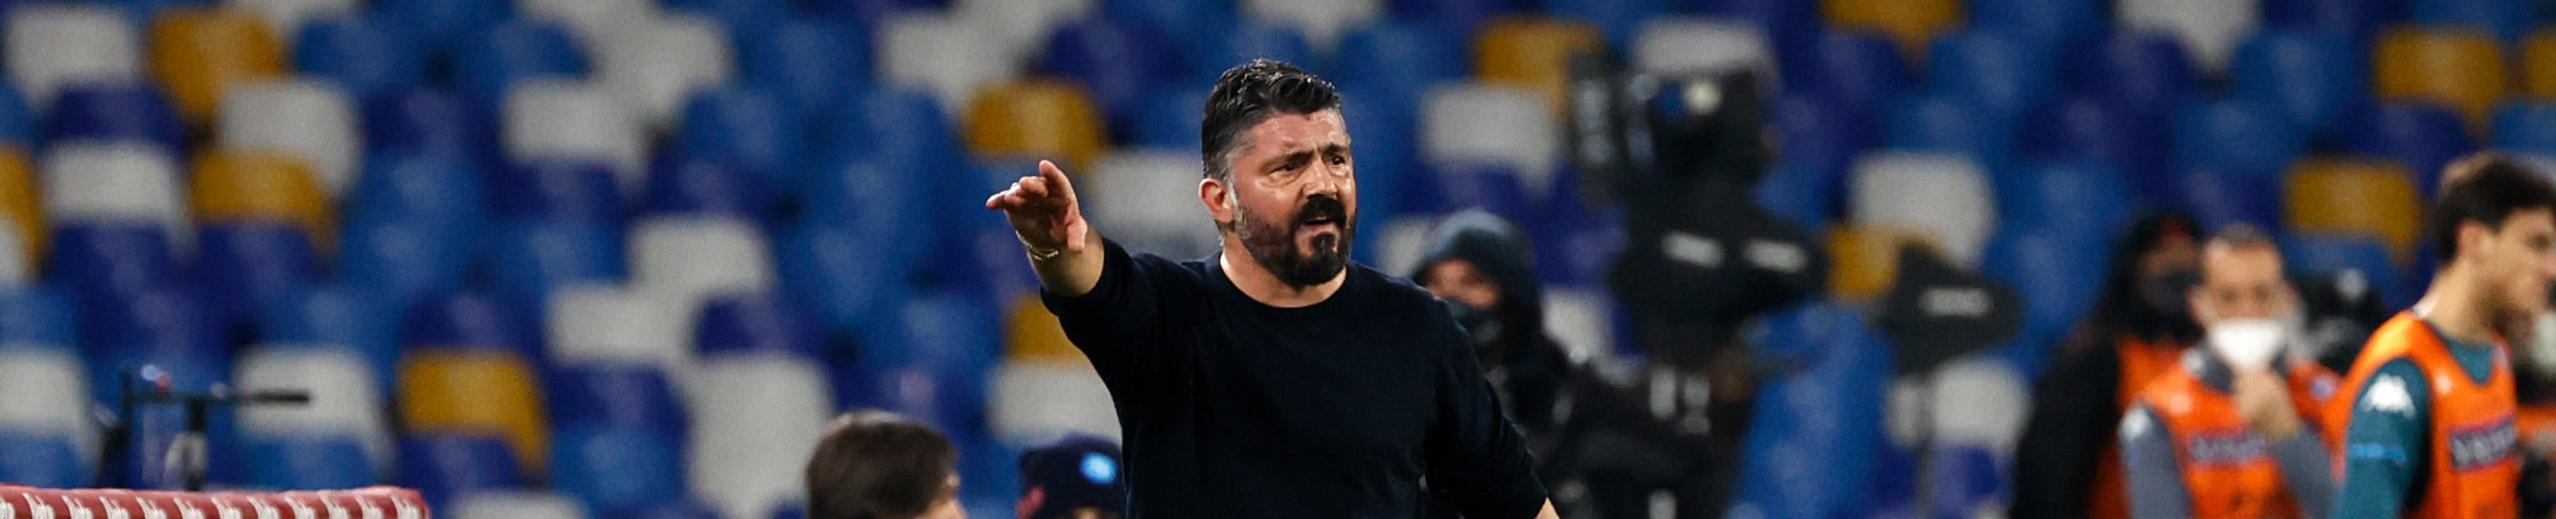 Genoa-Napoli: Gattuso deve stare attento, Ballardini fa sul serio